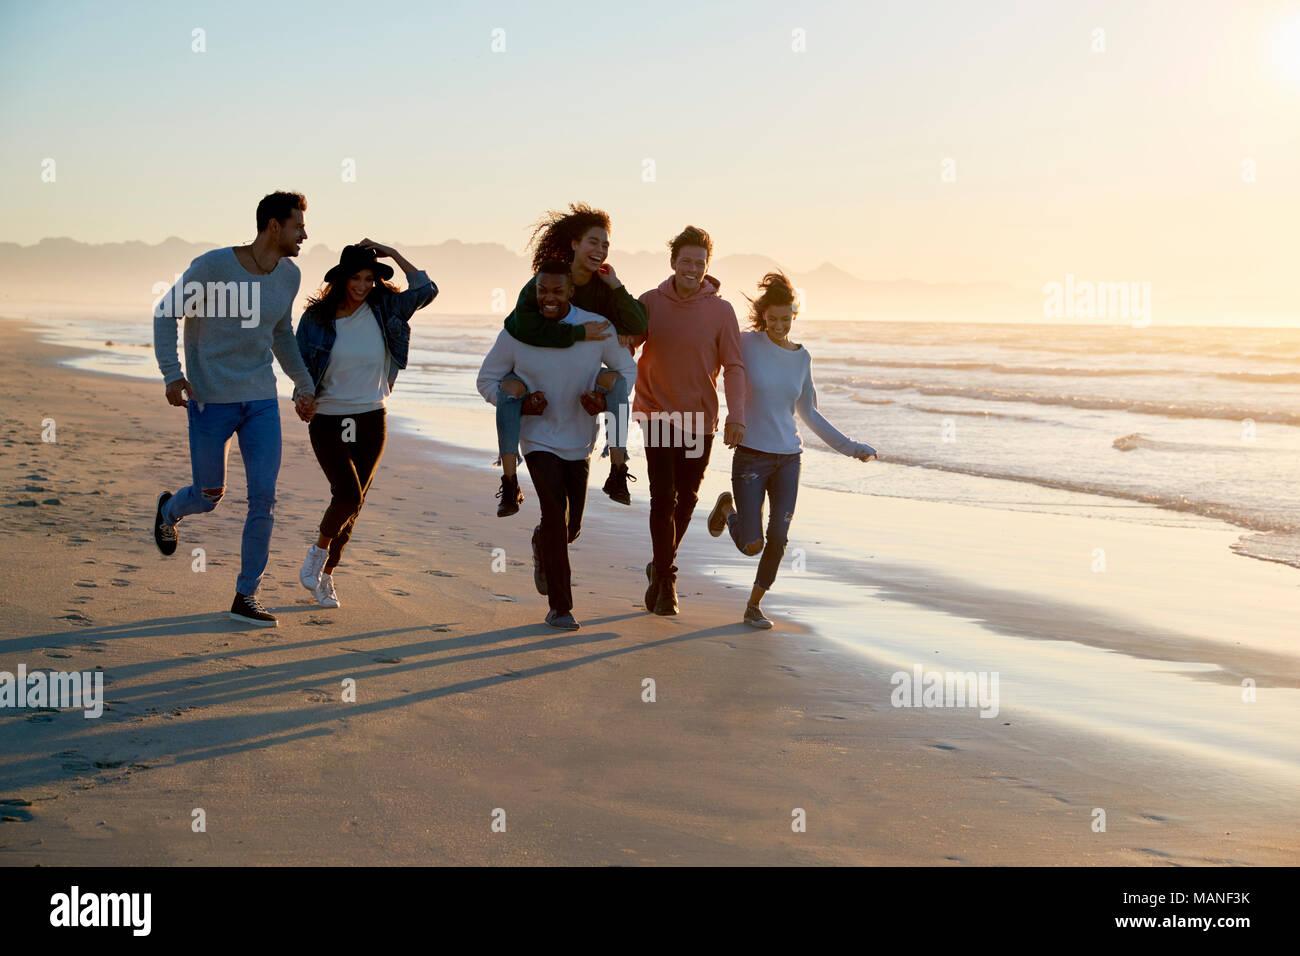 Gruppo di amici divertendosi in esecuzione lungo la spiaggia invernale insieme Immagini Stock